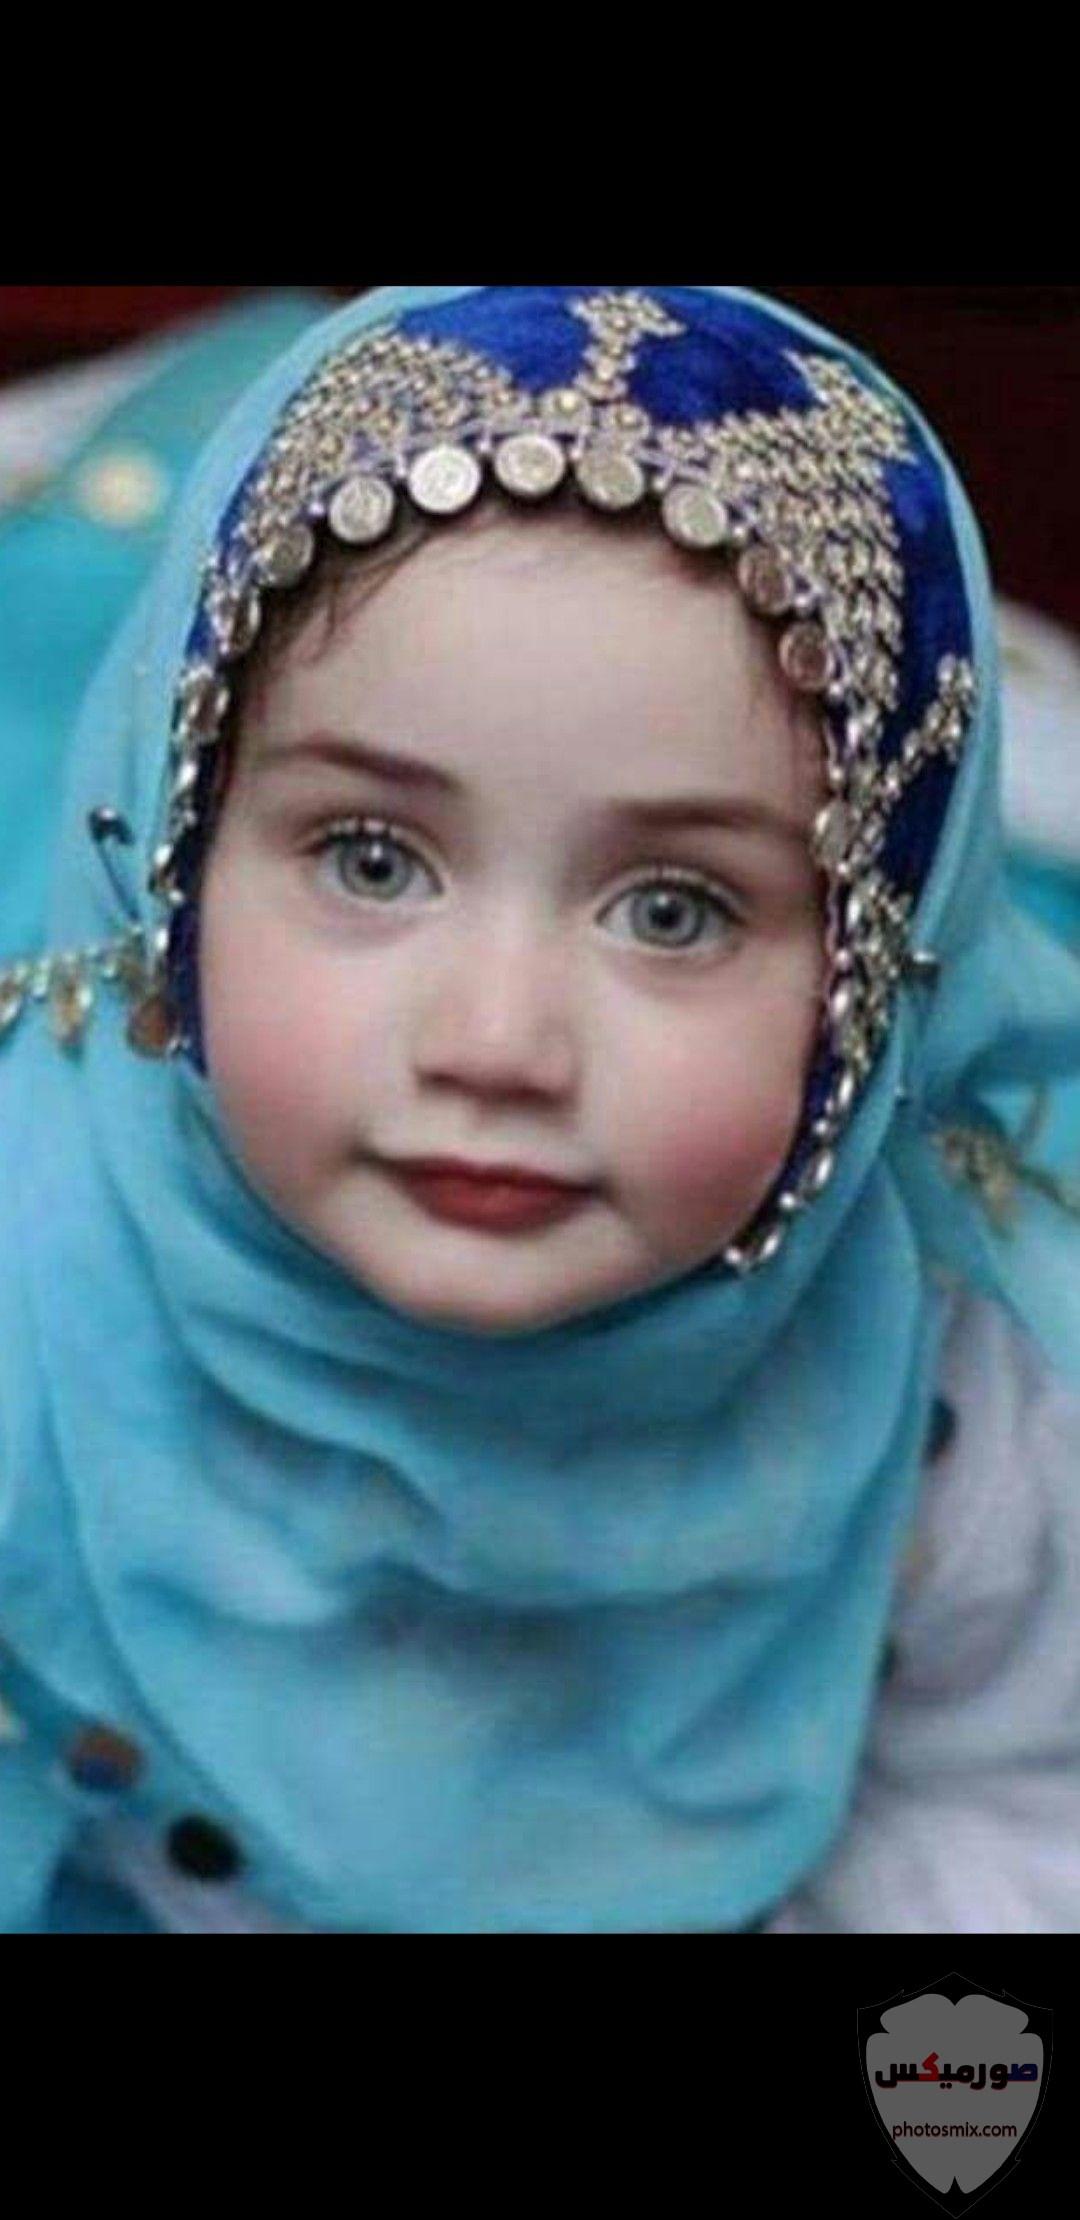 صور اطفال 2021 تحميل اكثر من 100 صور اطفال جميلة صور اطفال روعة 2020 64 1